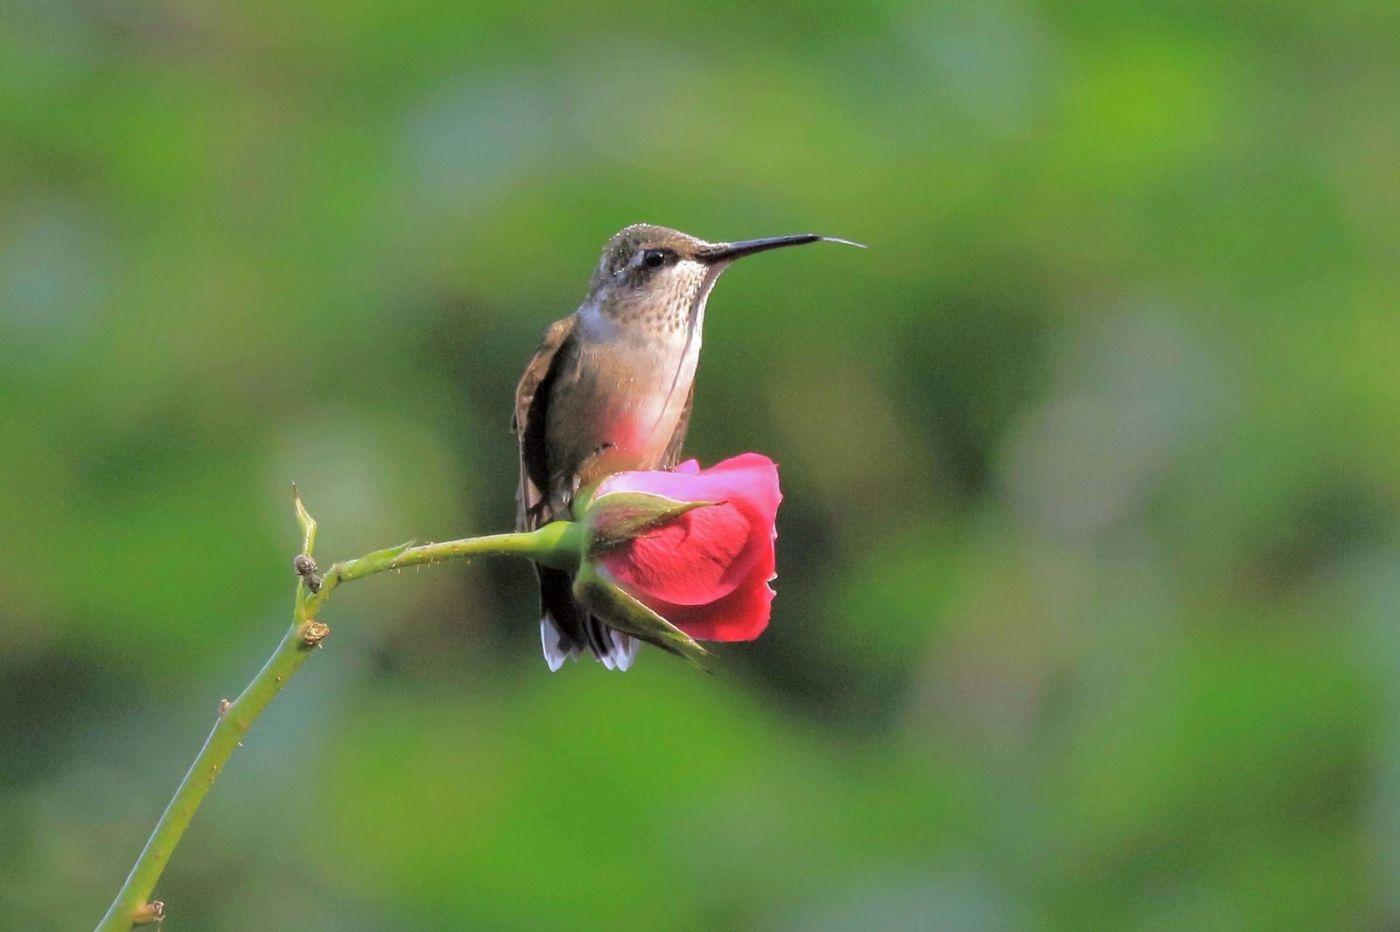 凯辛娜公园拍的蜂鸟_图1-7